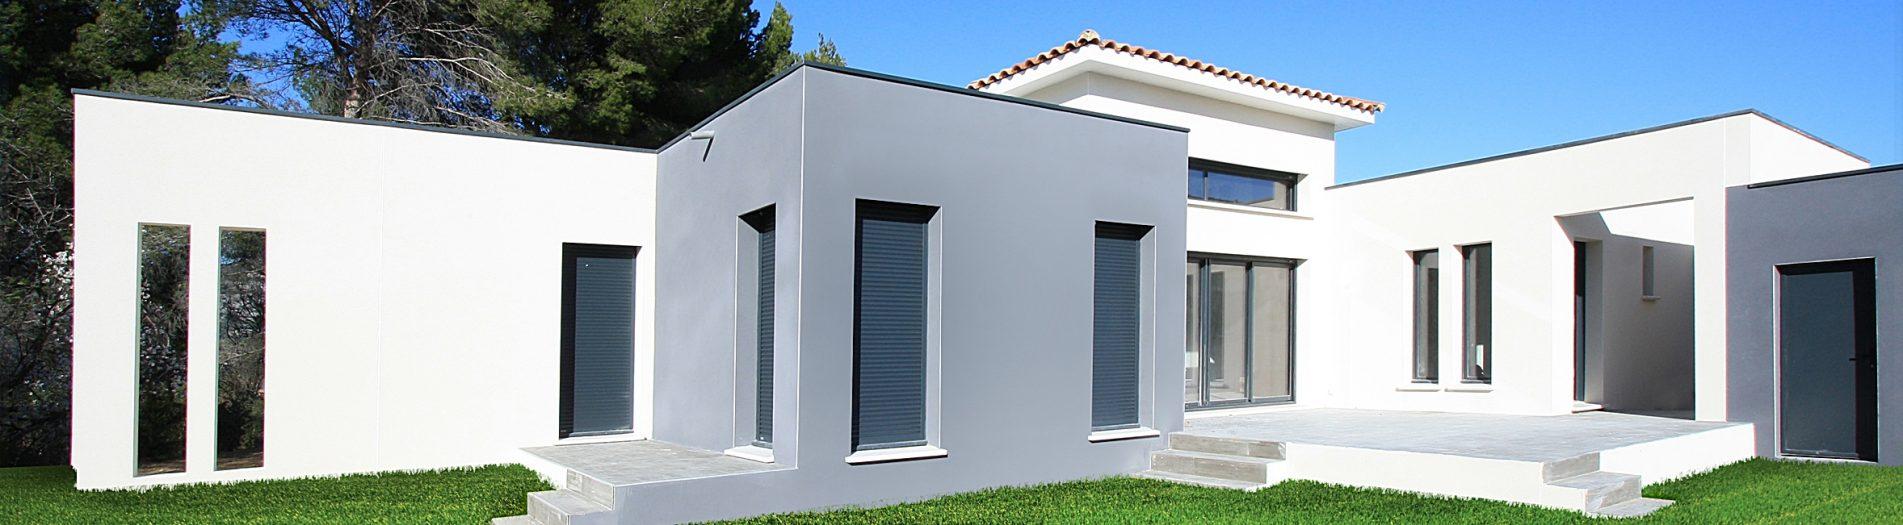 Les villas Modernes – Constructeur de Maisons individuelles